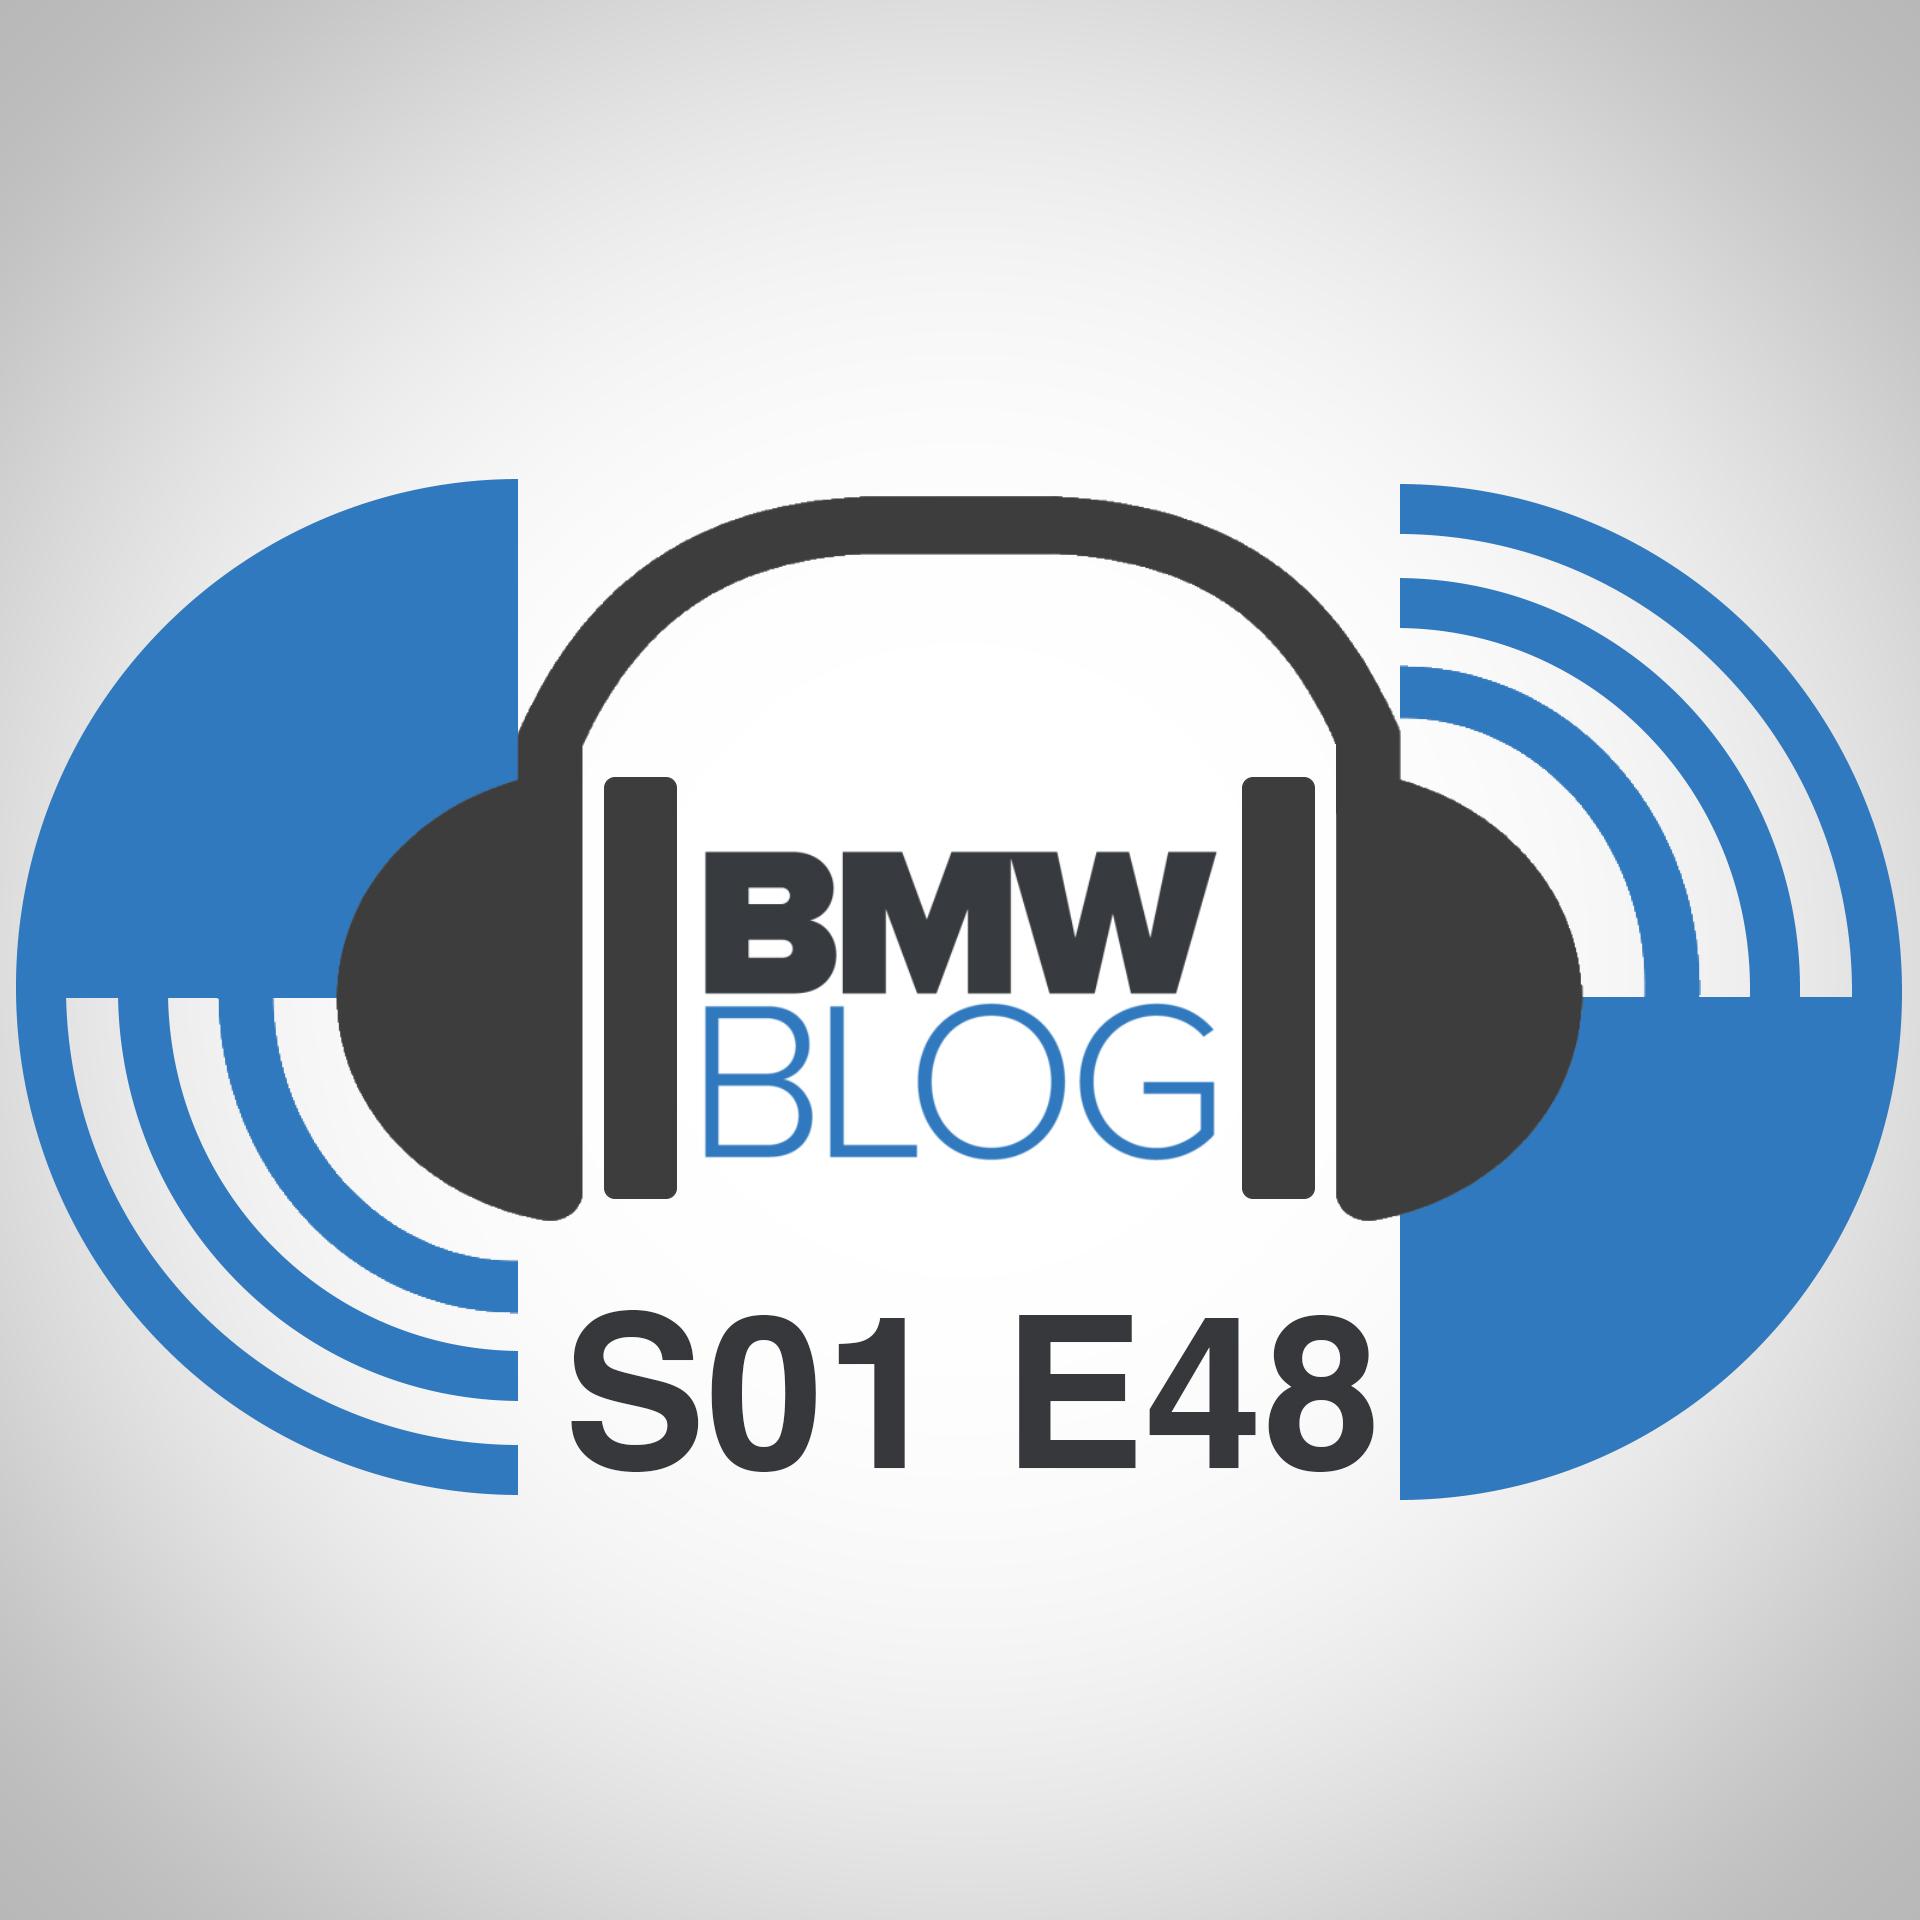 bmwblog podcast episode 48